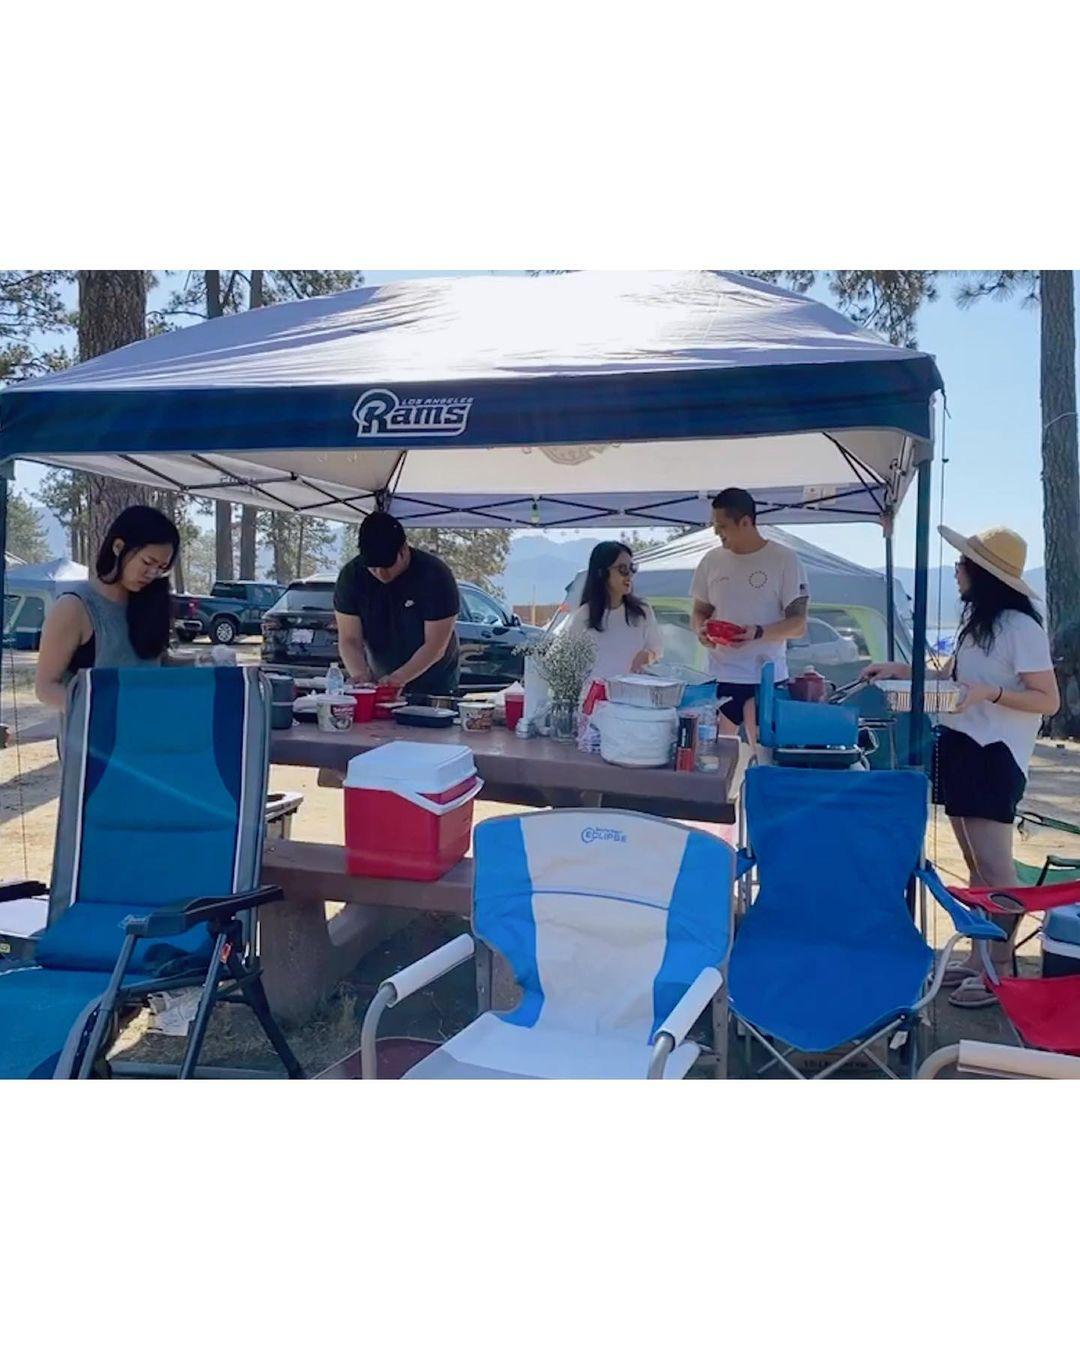 洛杉矶露营⛺️在野外过生日也不错? 图3